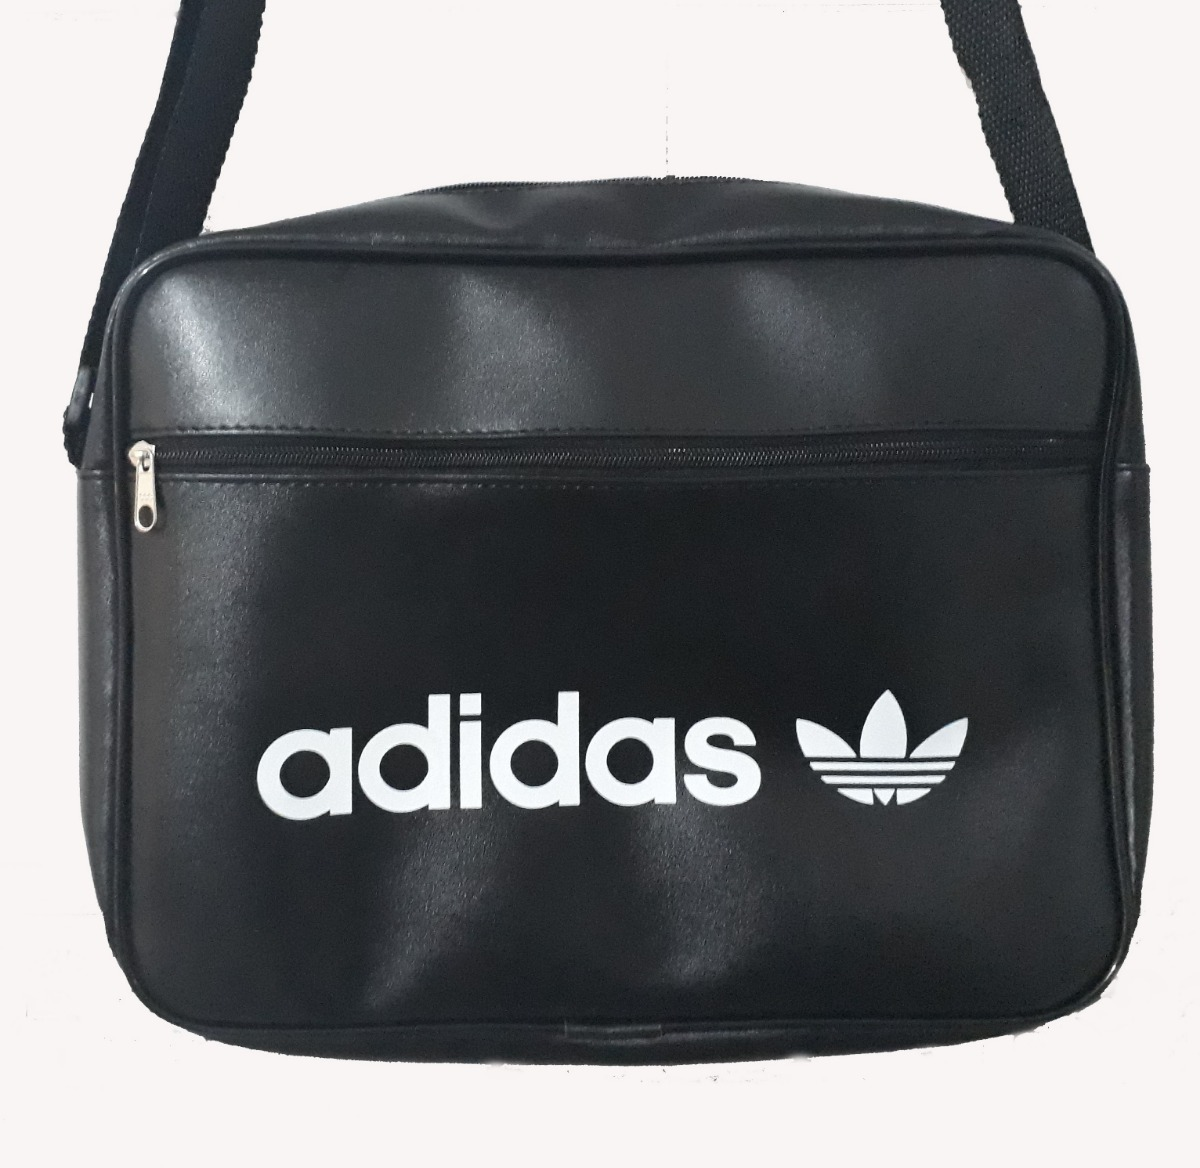 fce4c8496 Bolsas Com Alças Transversal adidas ,bolsa Carteiro - R$ 47,00 em ...